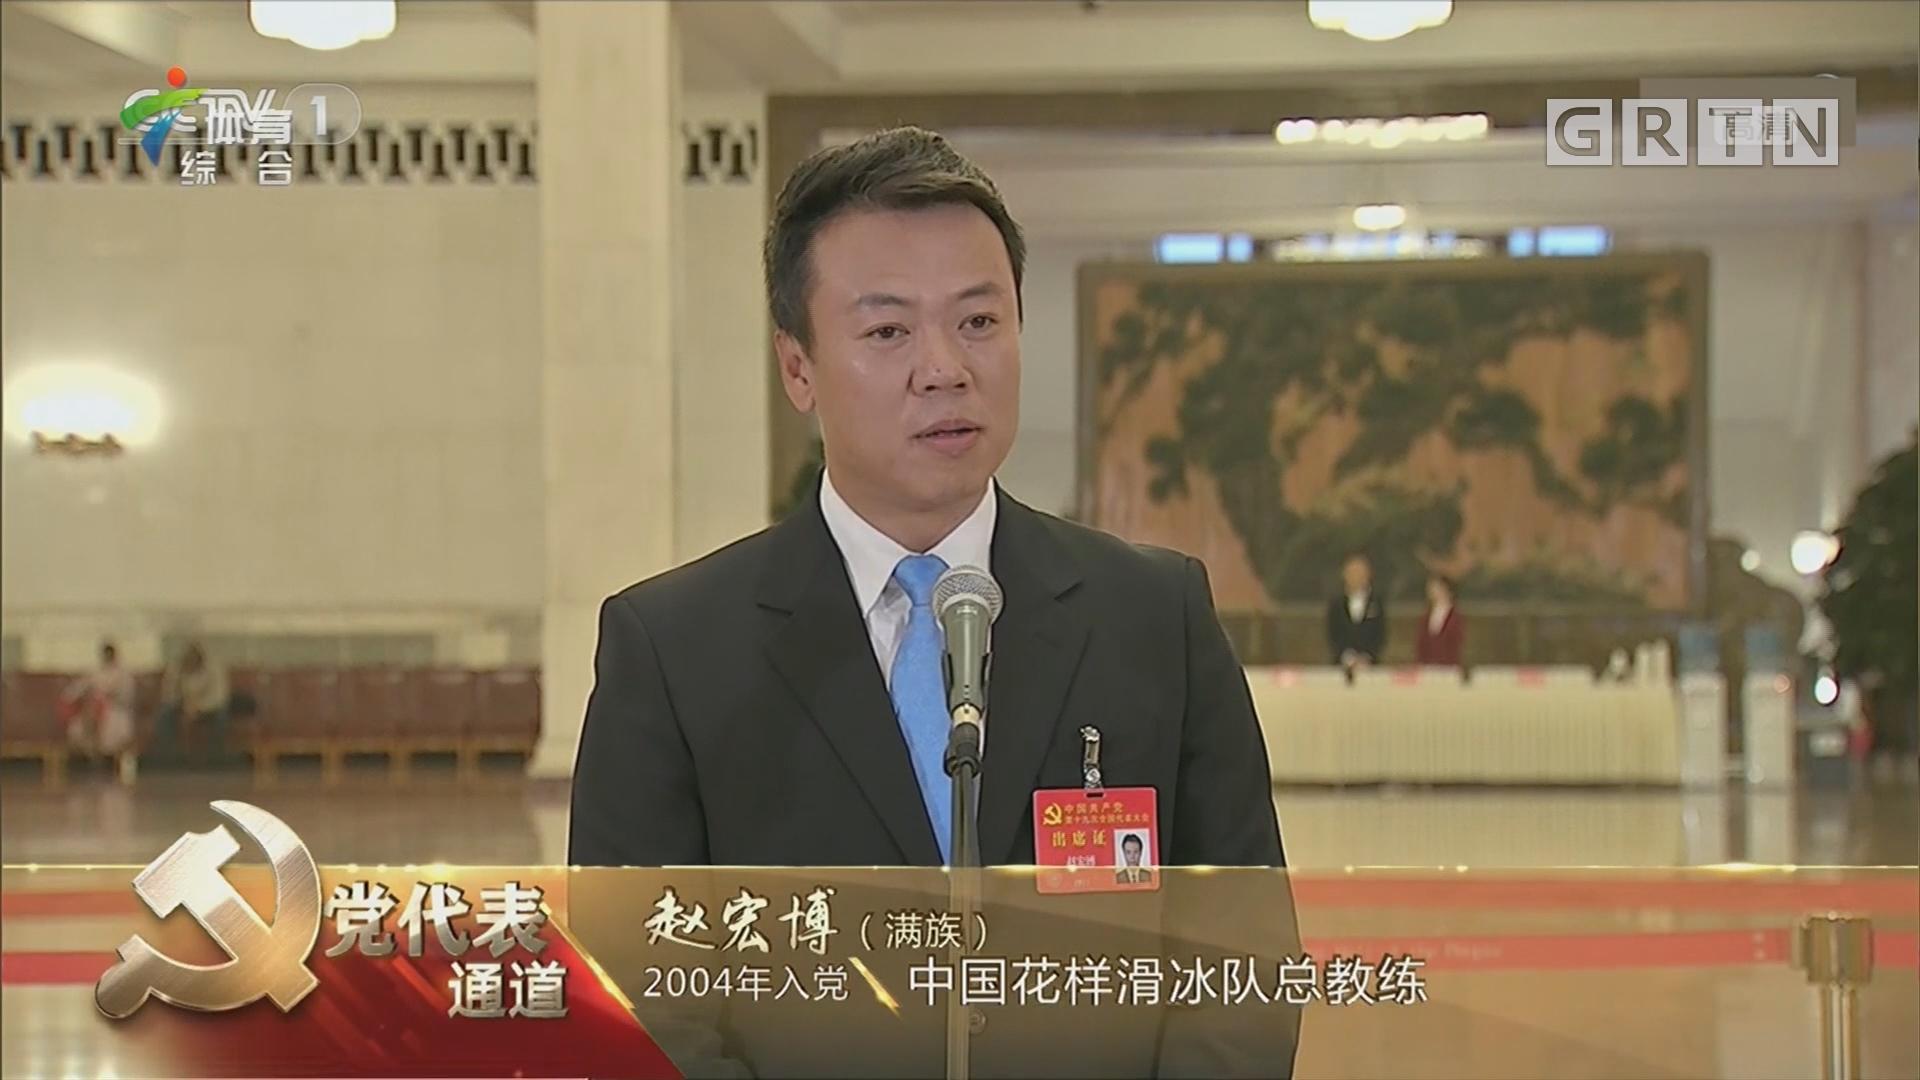 中国共产党第十九次全国代表大会即将开幕 十九大党代表通道正在直播